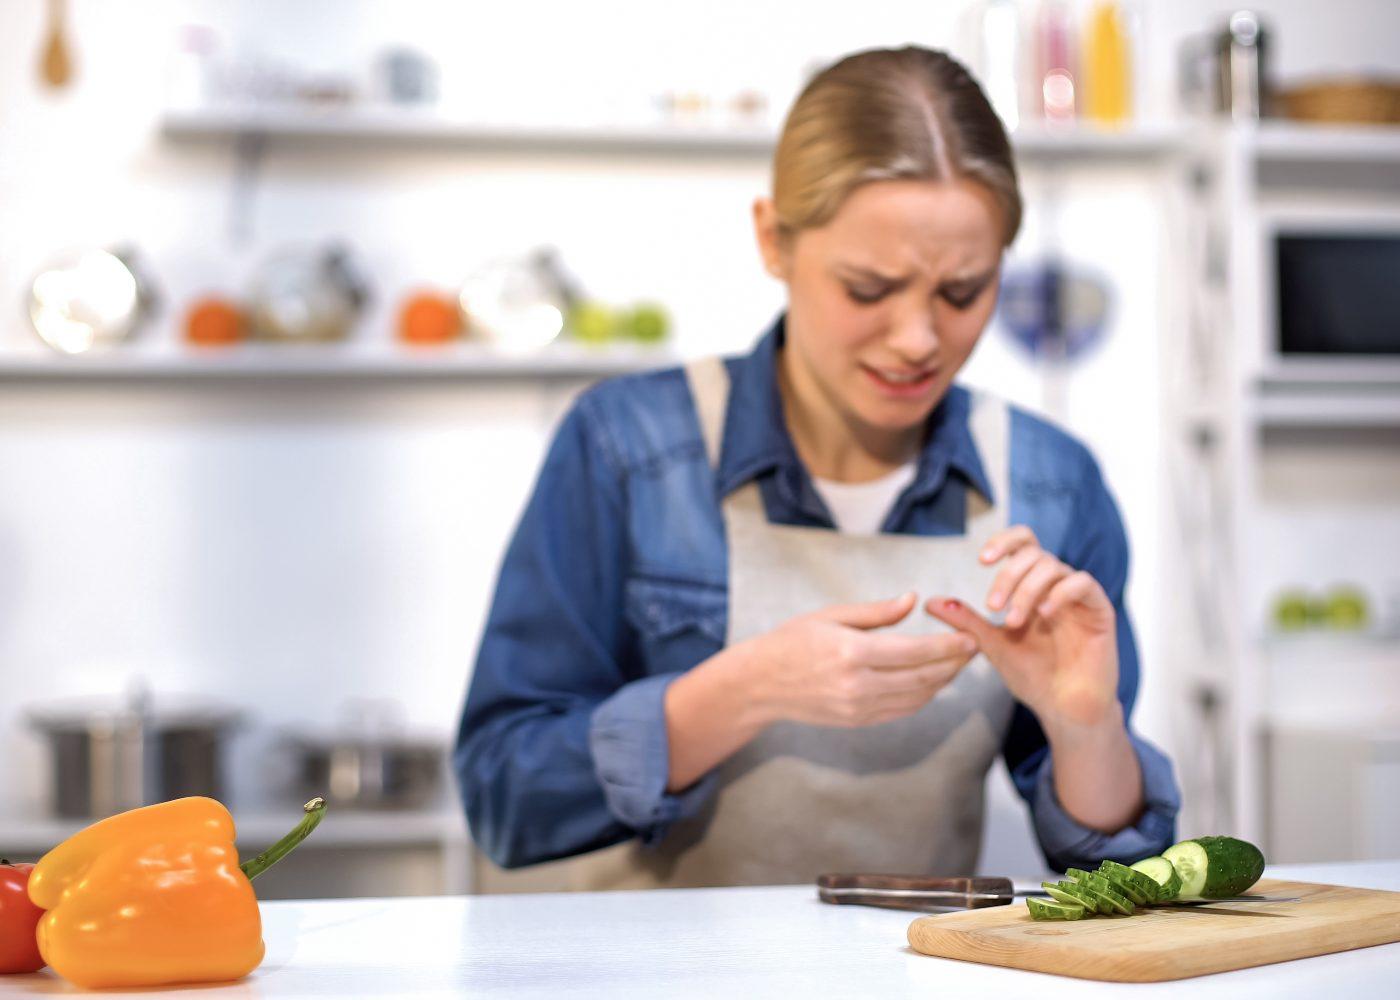 mulher com corte no dedo depois de cortar legumes